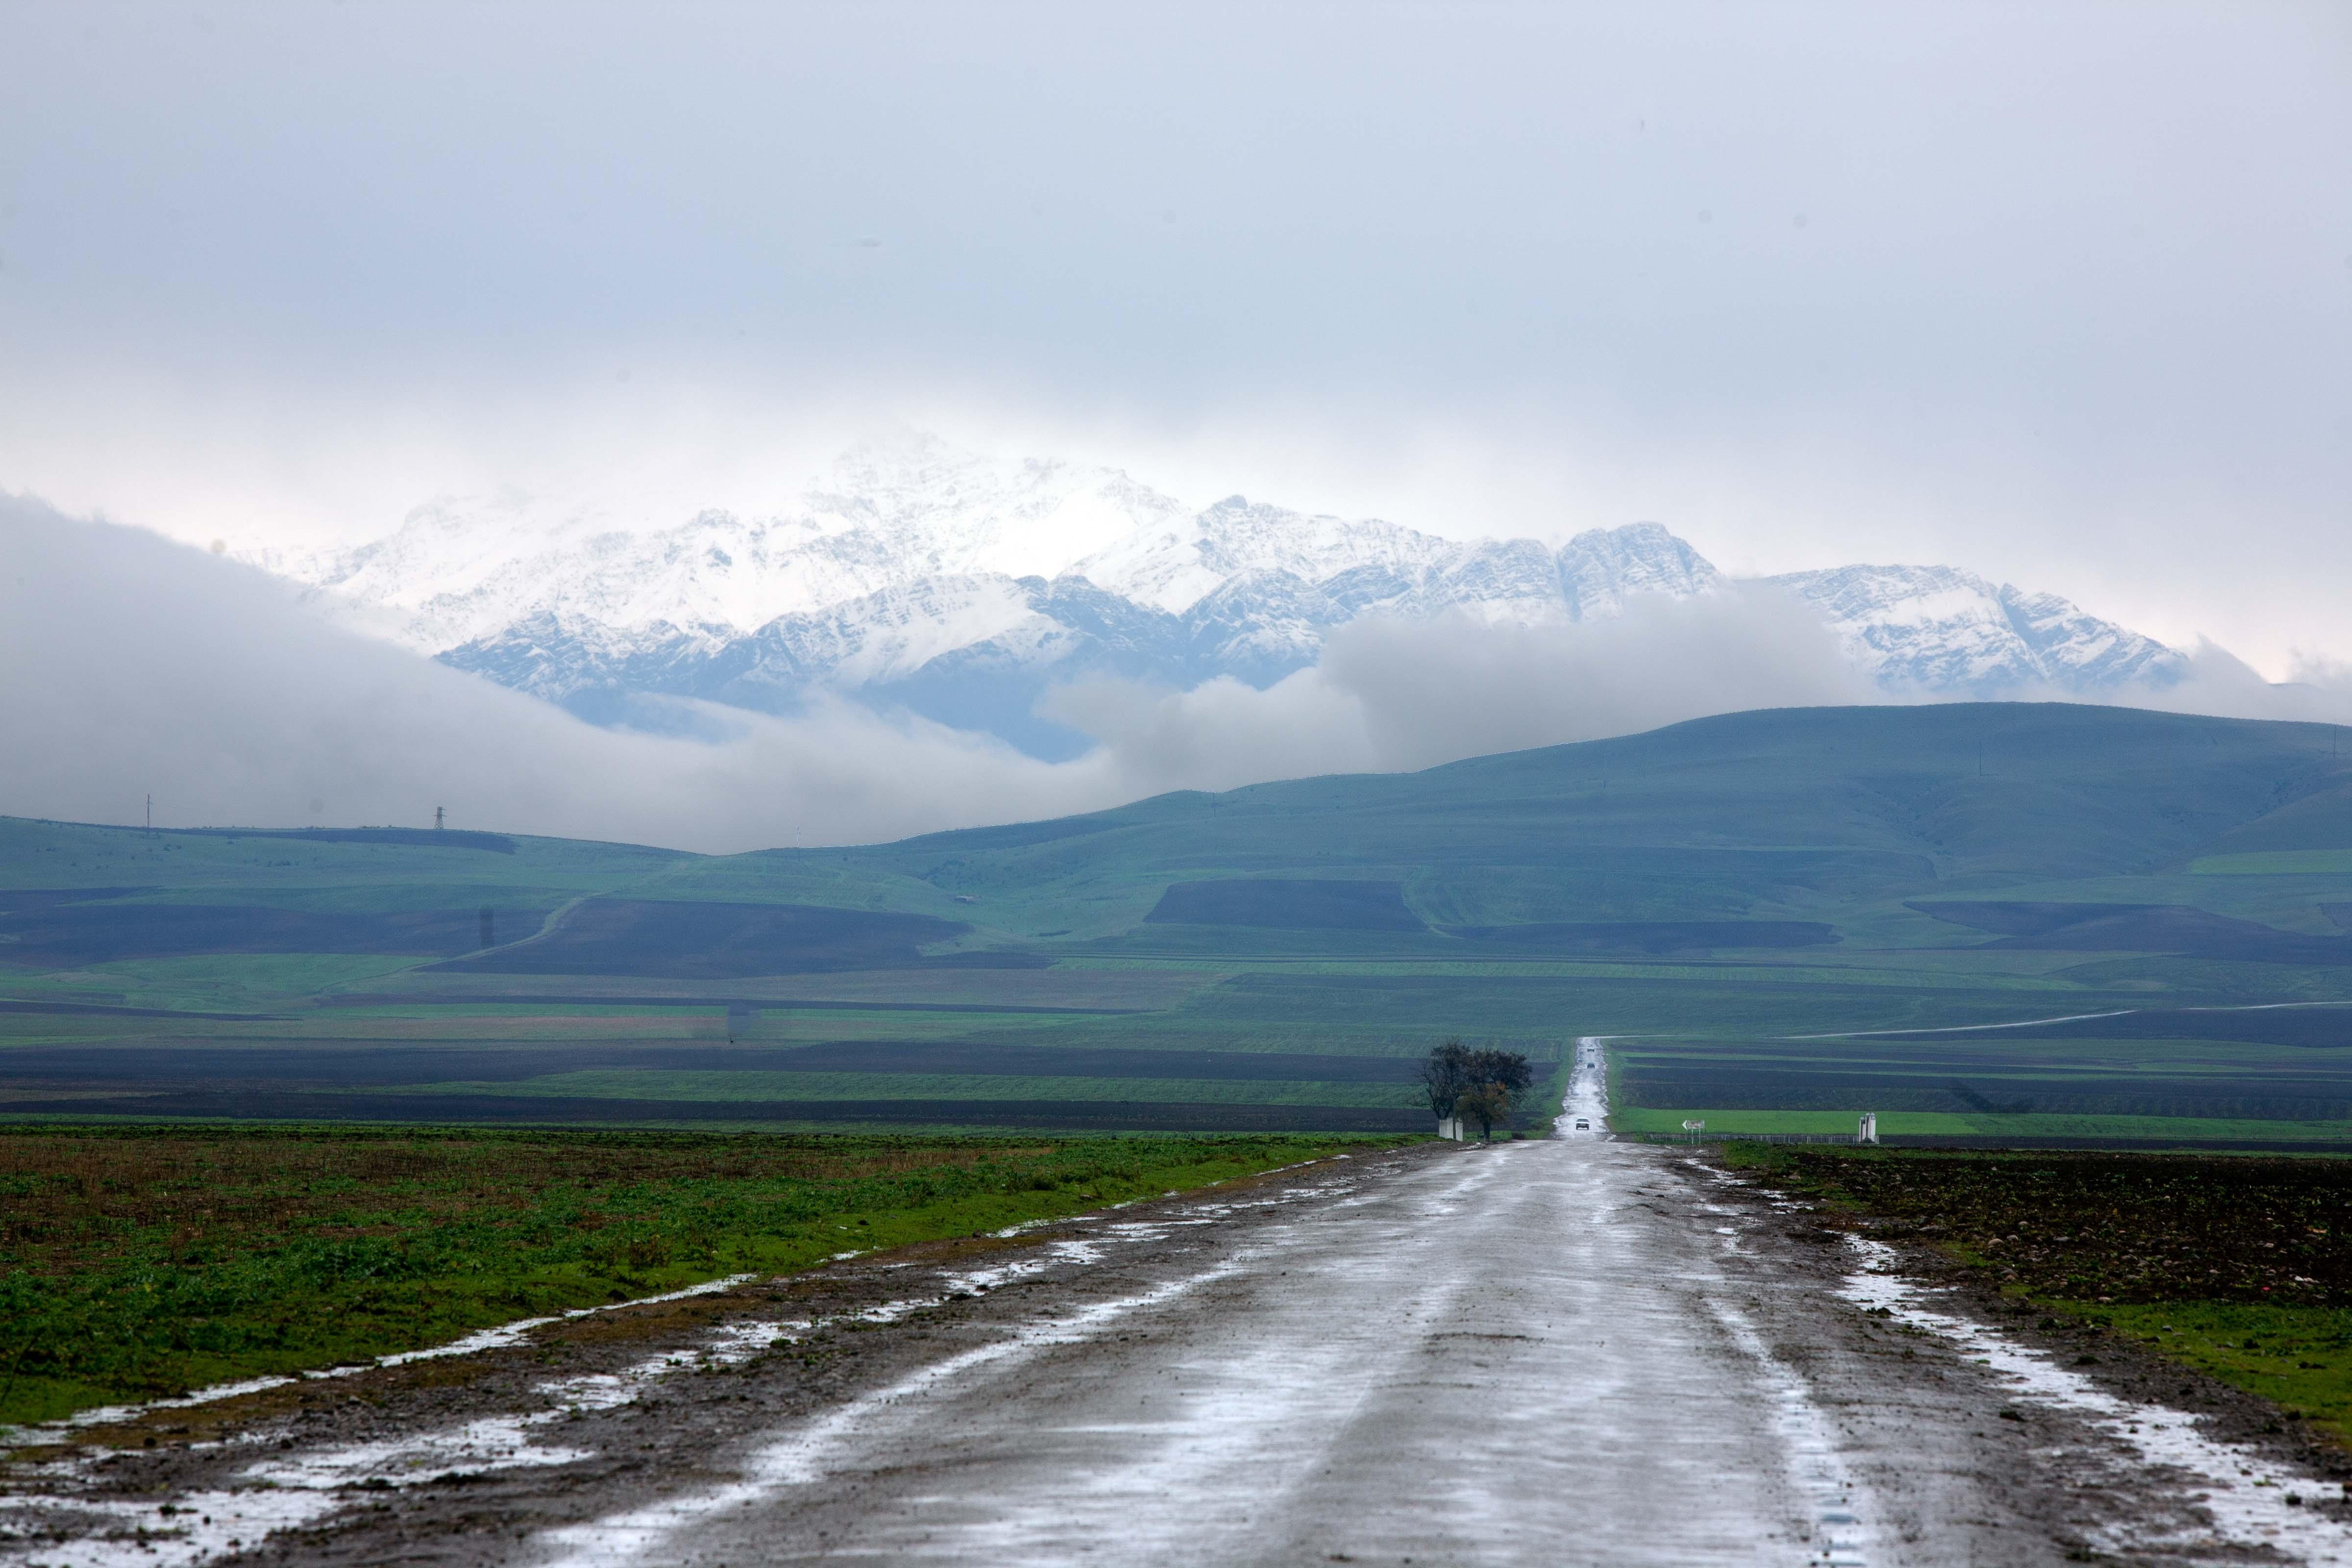 Azerbaijan, Shaki (SAK) Prov, Road And Mountains, 2009, IMG 8502